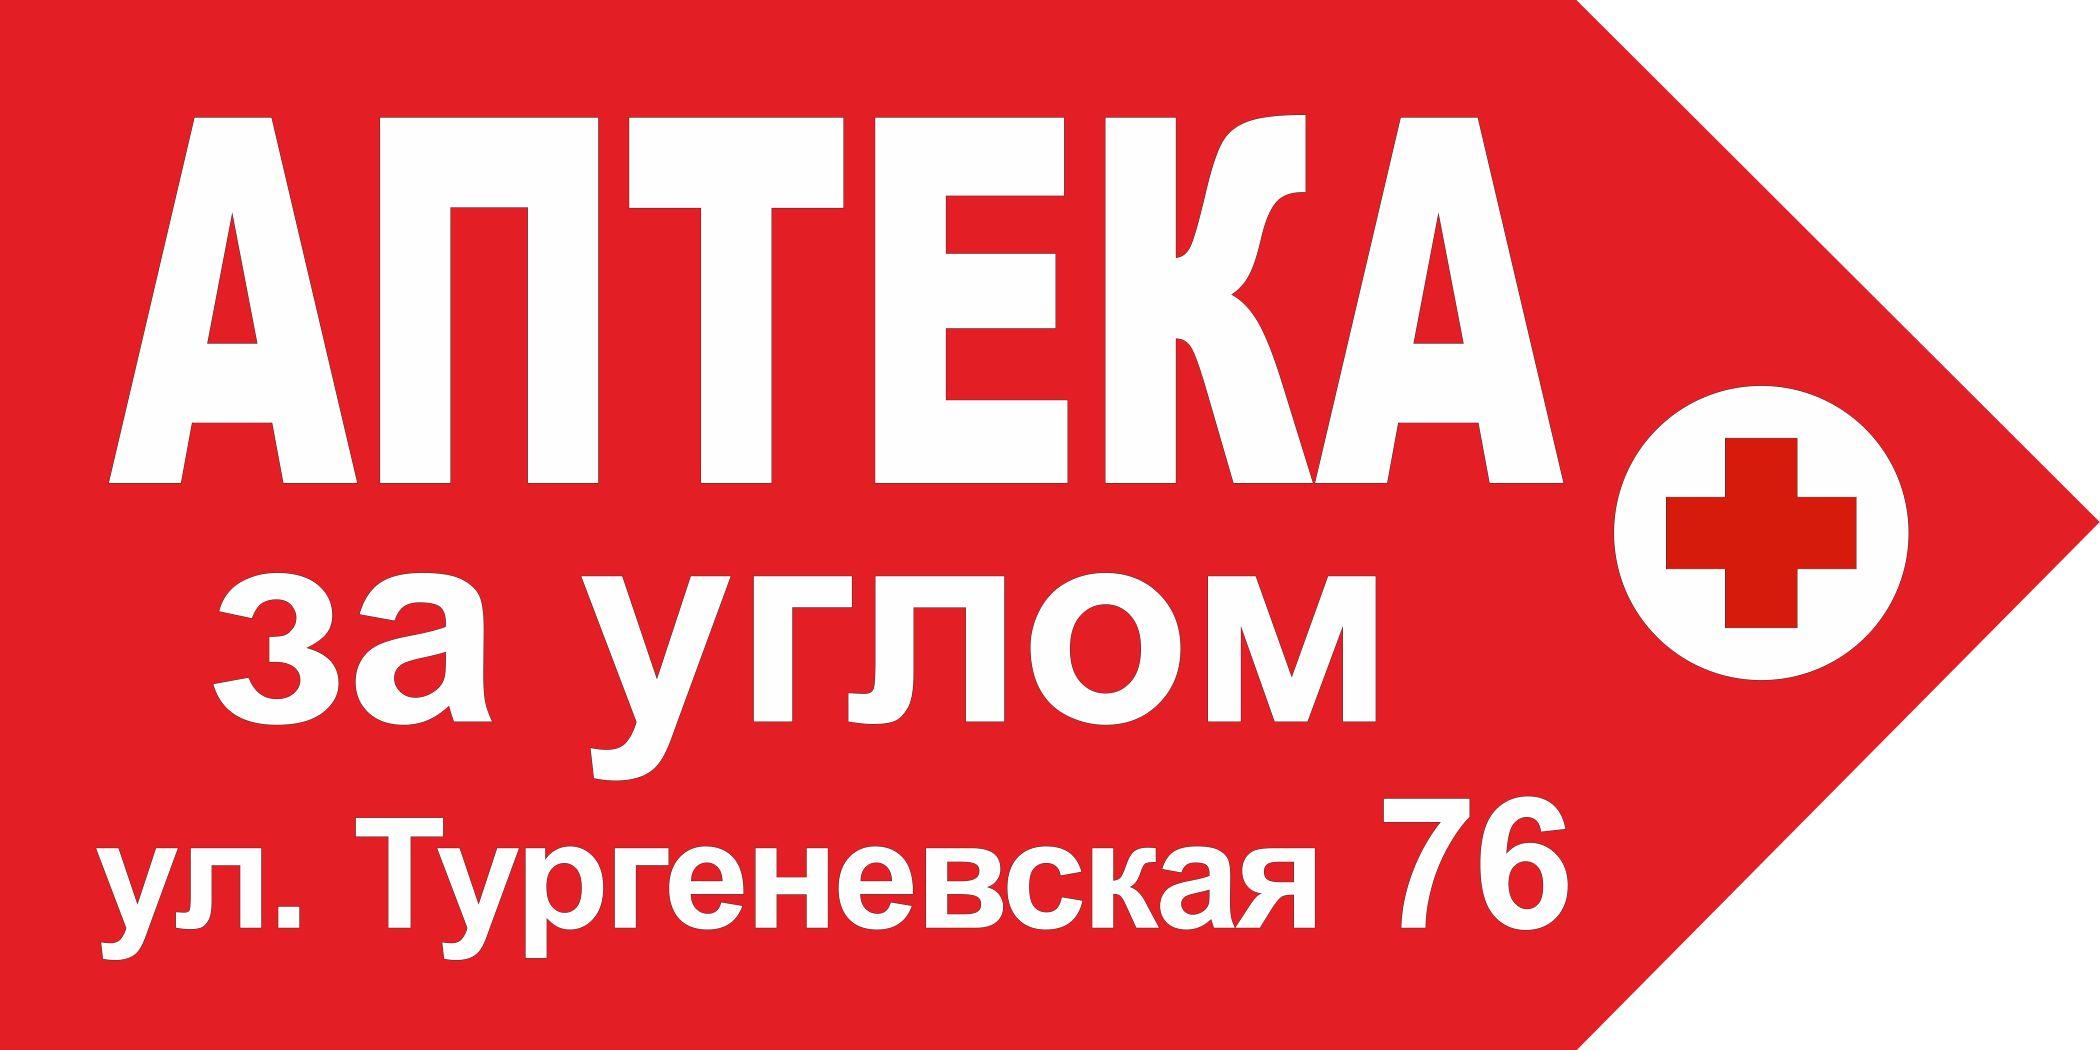 Изготовлен указатель из ПВХ для фасада здания в Ростове-на-Дону.